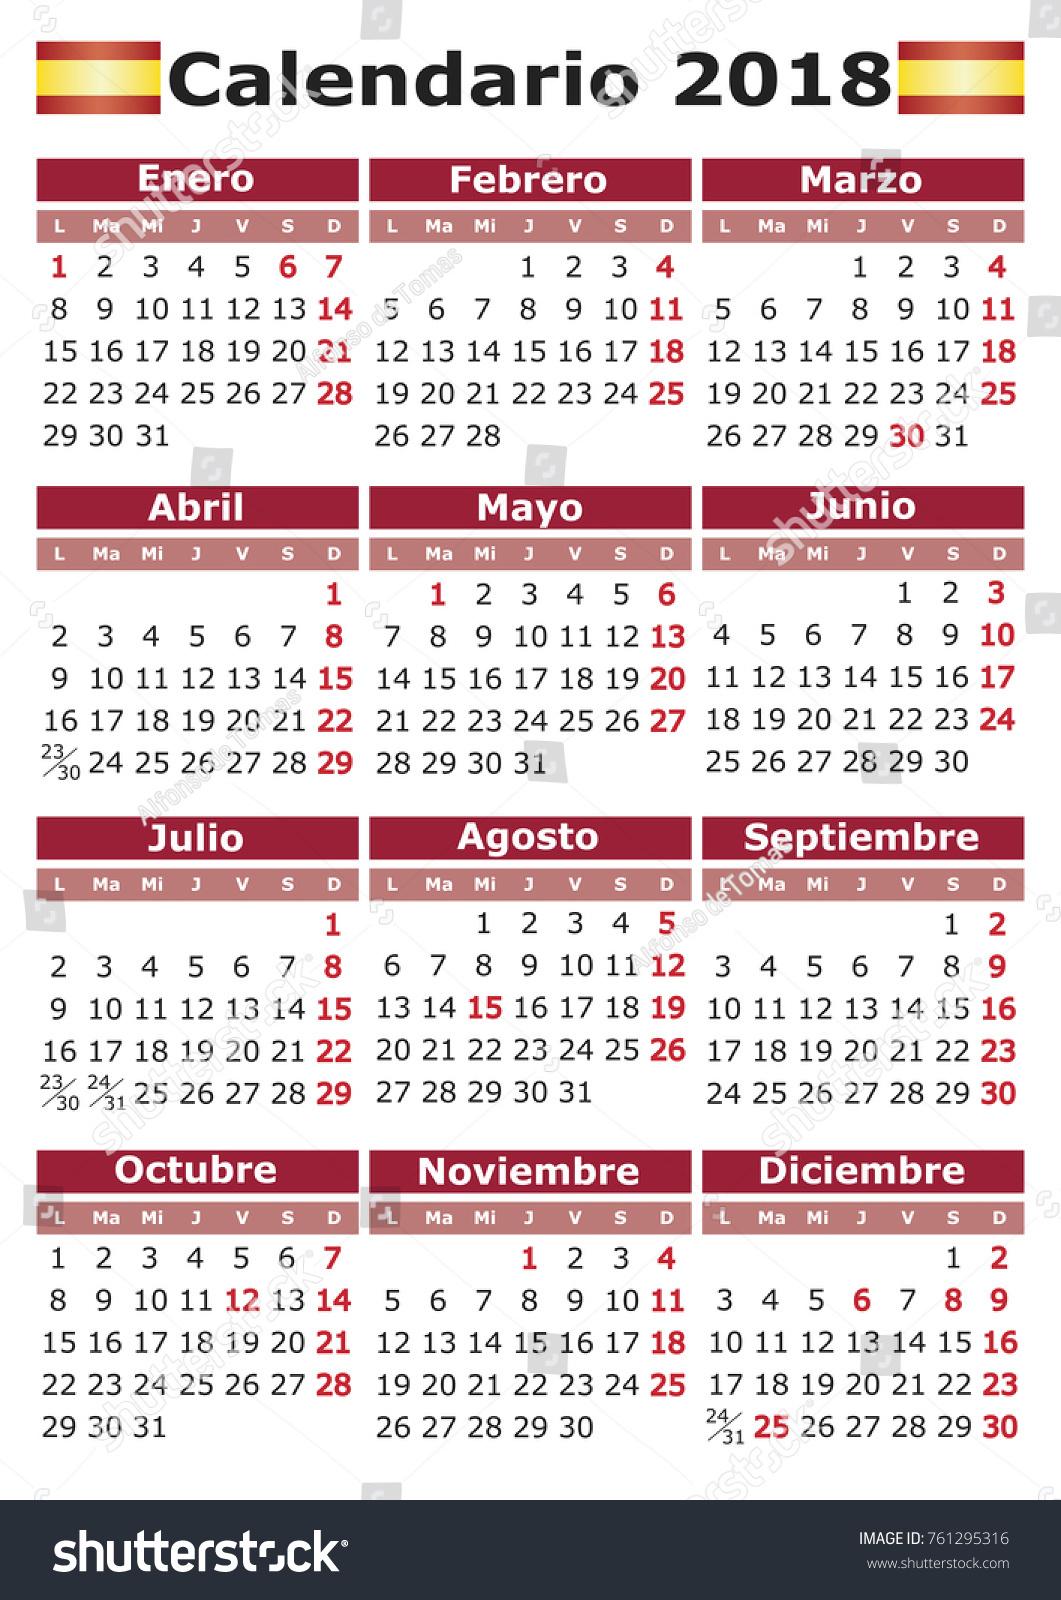 Calendario 2o18.Calendario 2018 Vertical Spanish Calendar Festive Stock